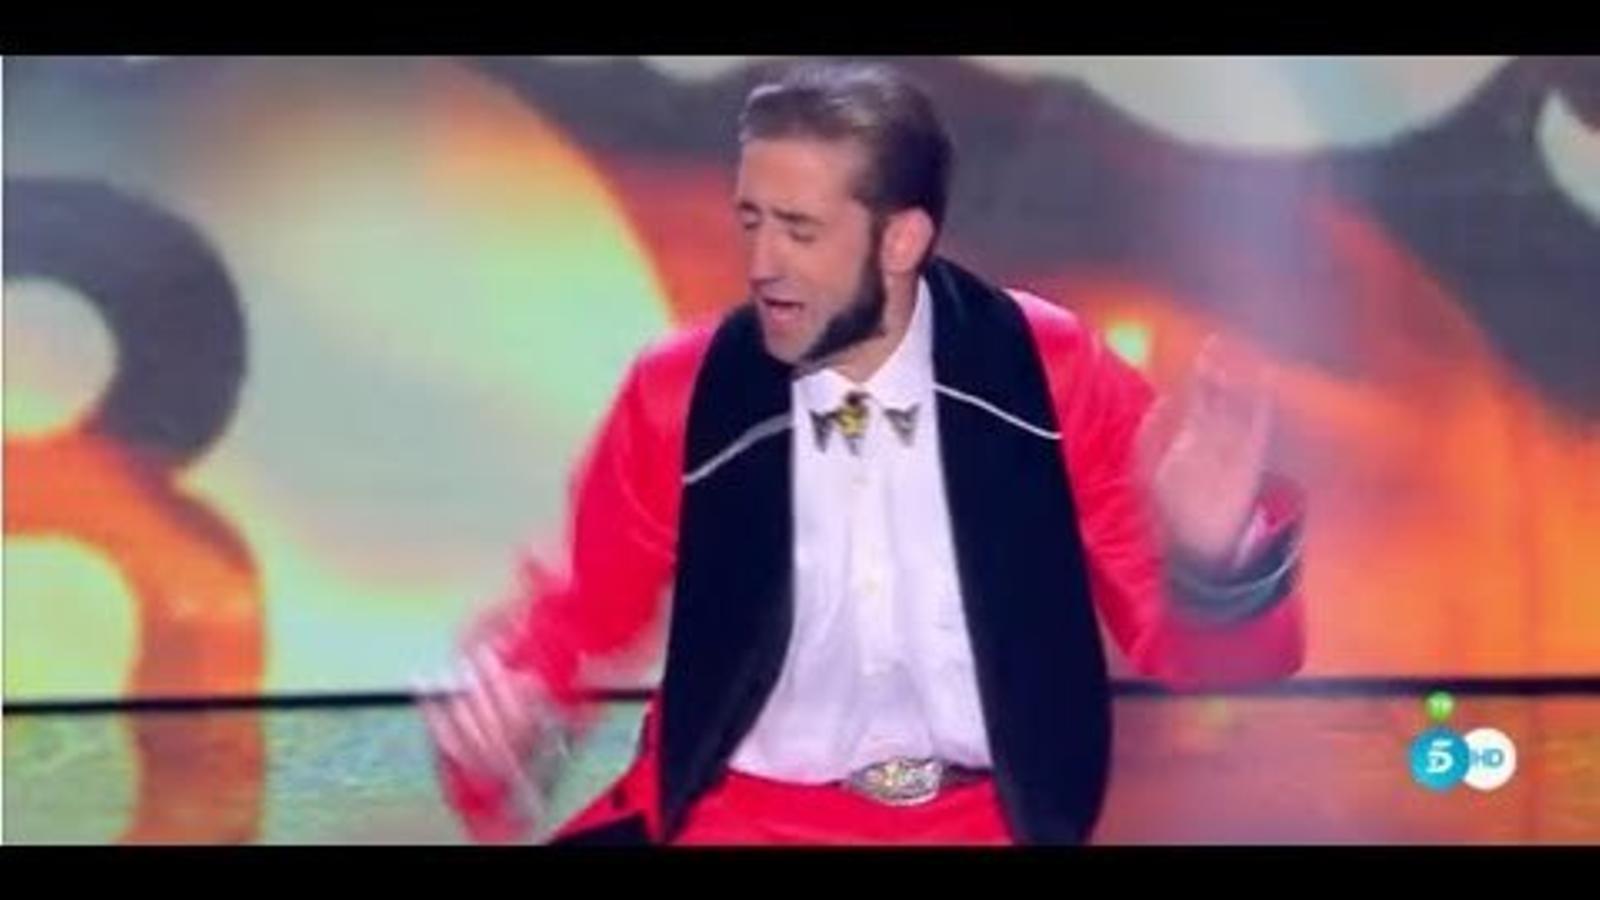 El moment en què es va fer públic el guanyador de l'edició de 'Got Talent'